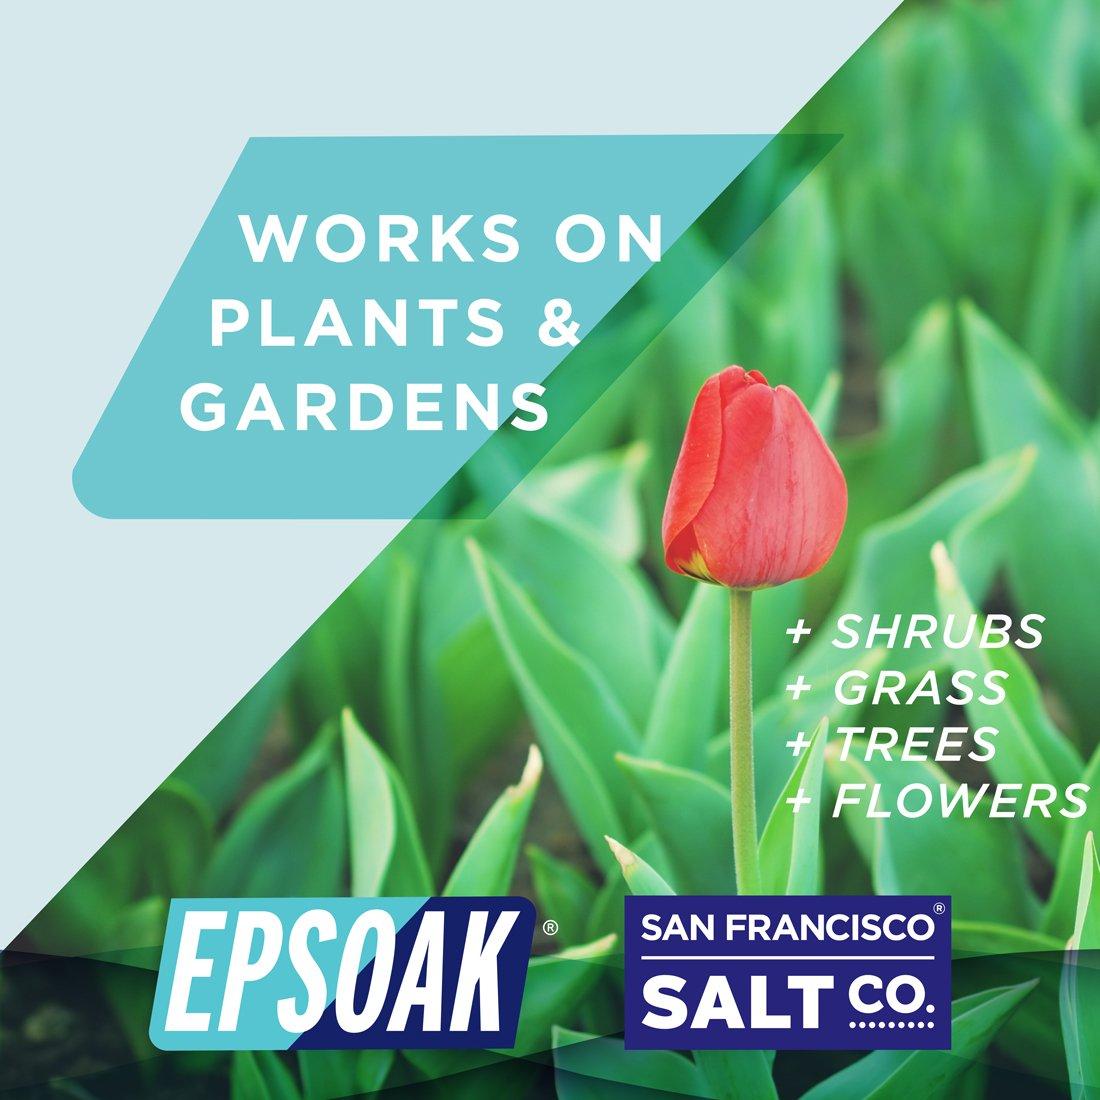 Epsoak Epsom Salt 5 lbs. Magnesium Sulfate USP by Epsoak (Image #5)